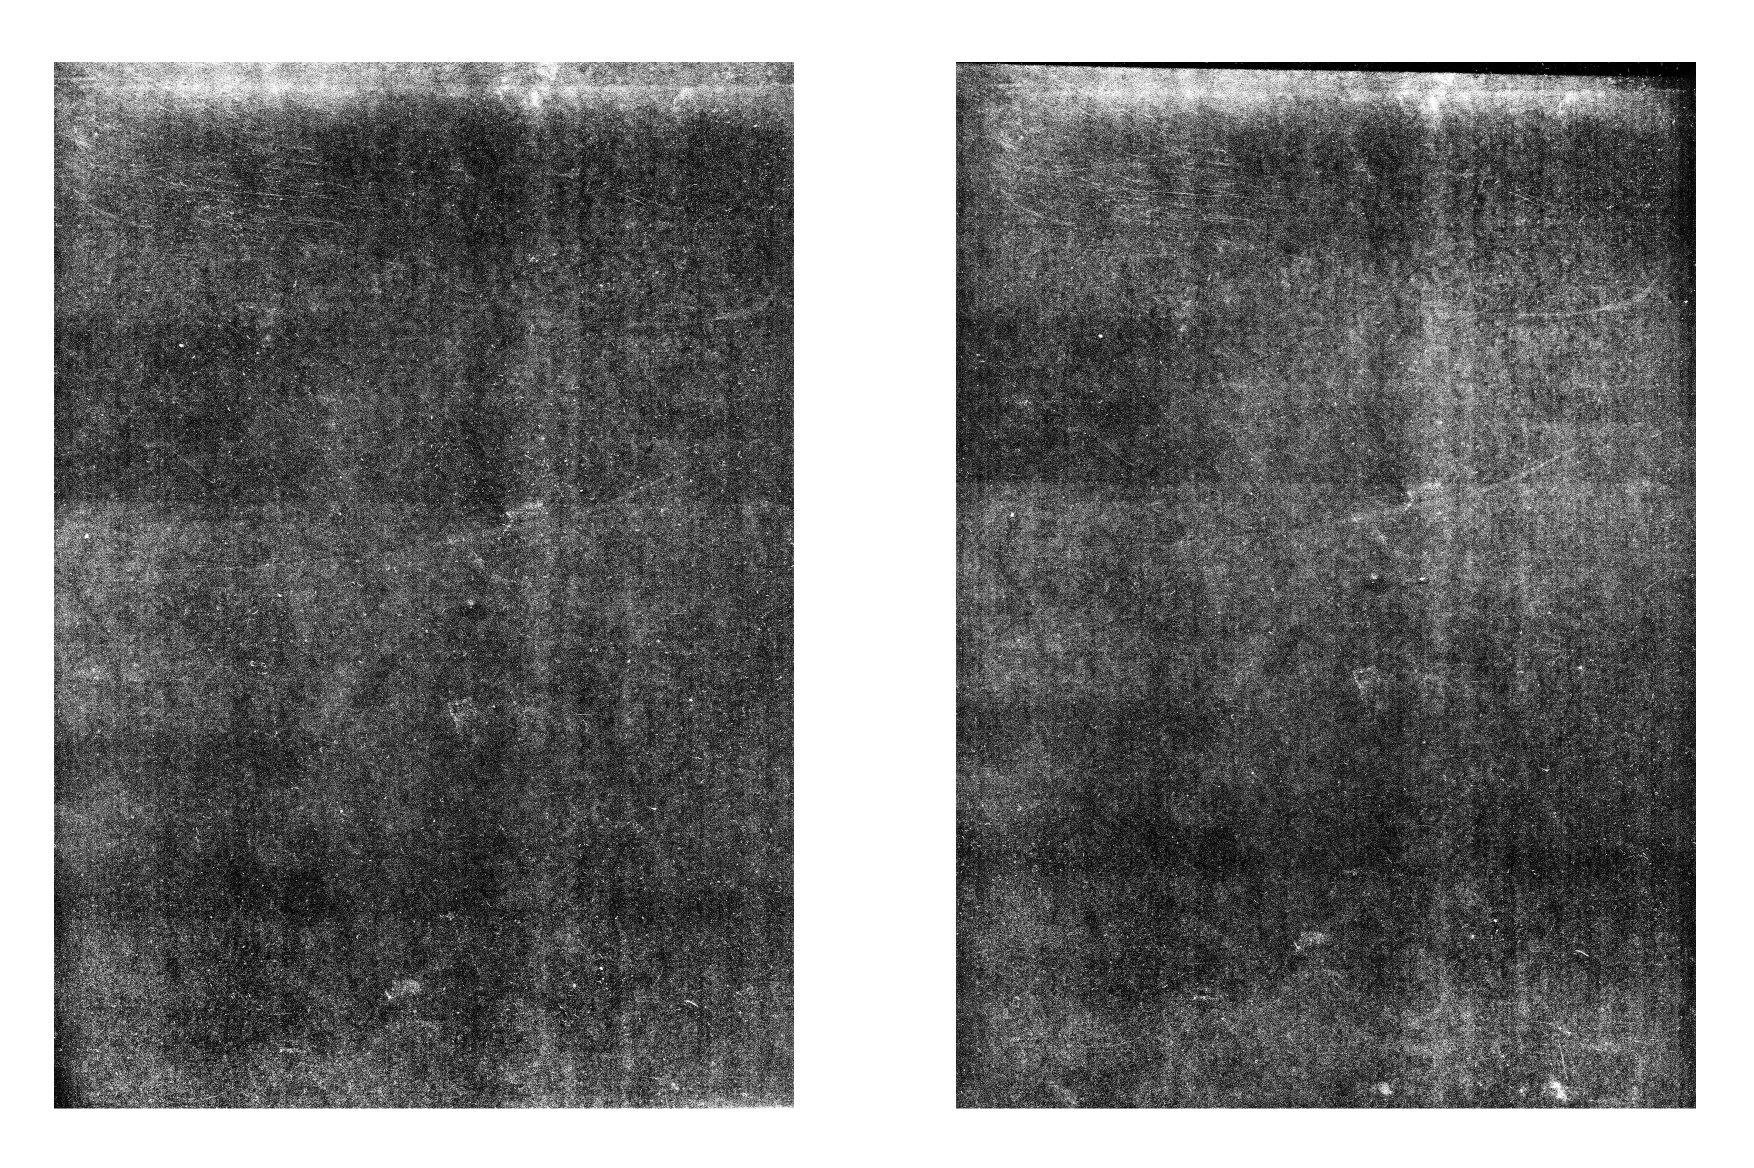 156款复古做旧折痕磨损褶皱纸张背景纹理素材合集 The Grunge Texture Bundle Vol. 1插图(54)